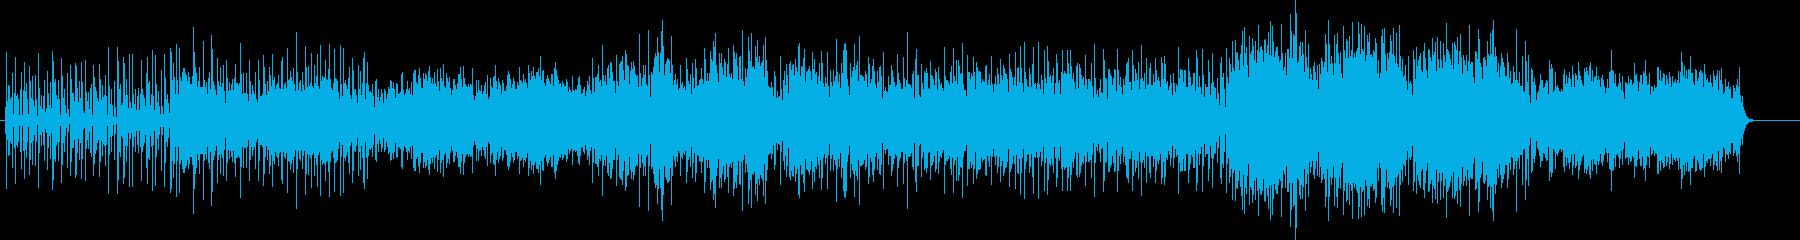 アラブ、インド風なエスニックBGMの再生済みの波形